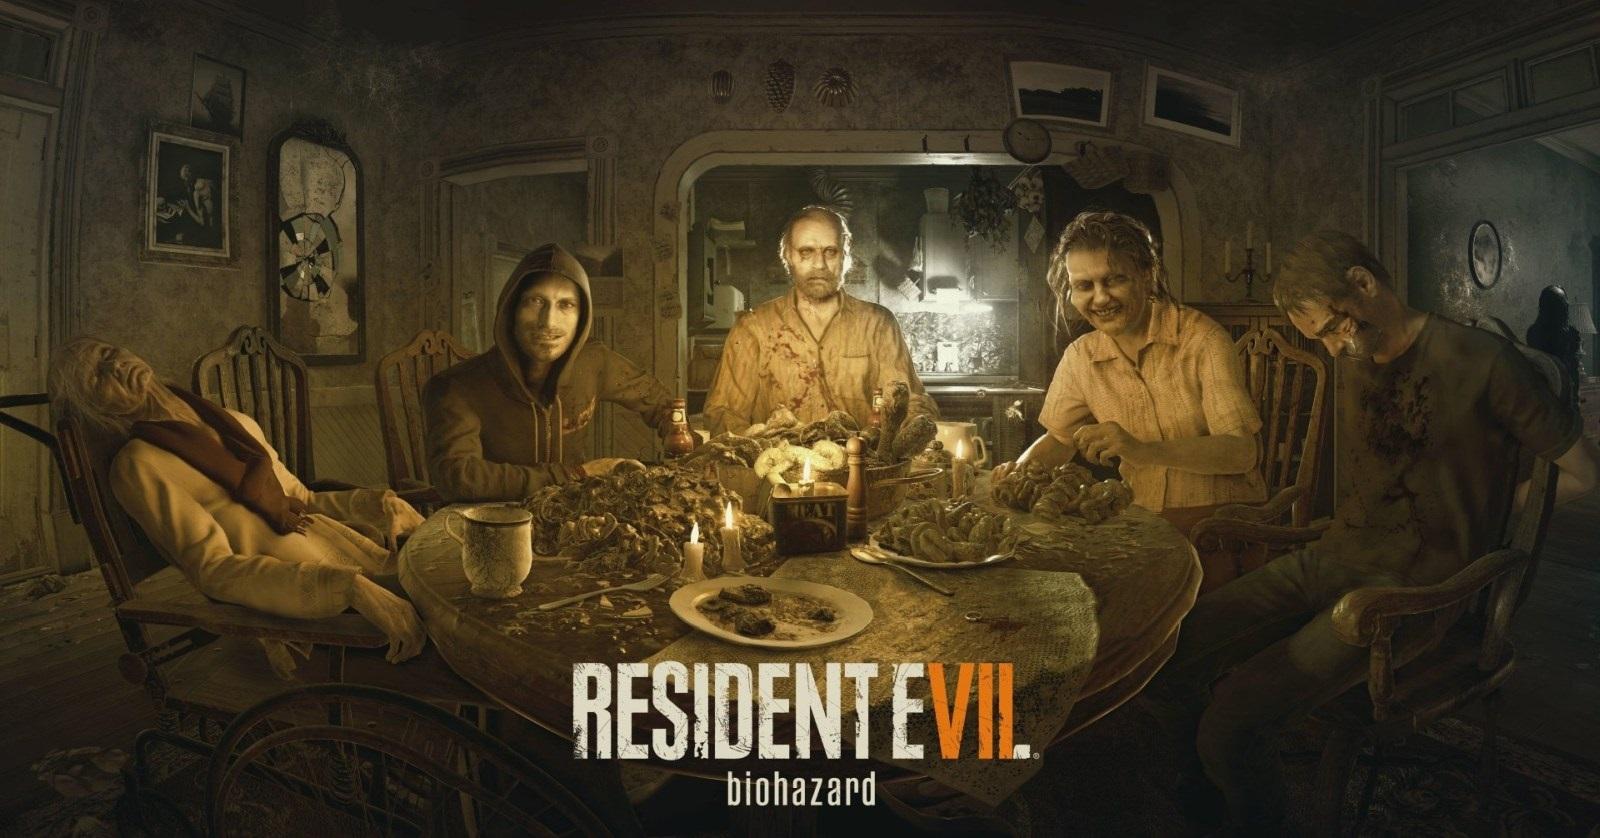 Resident Evil 7: biohazard; screenshot: cover